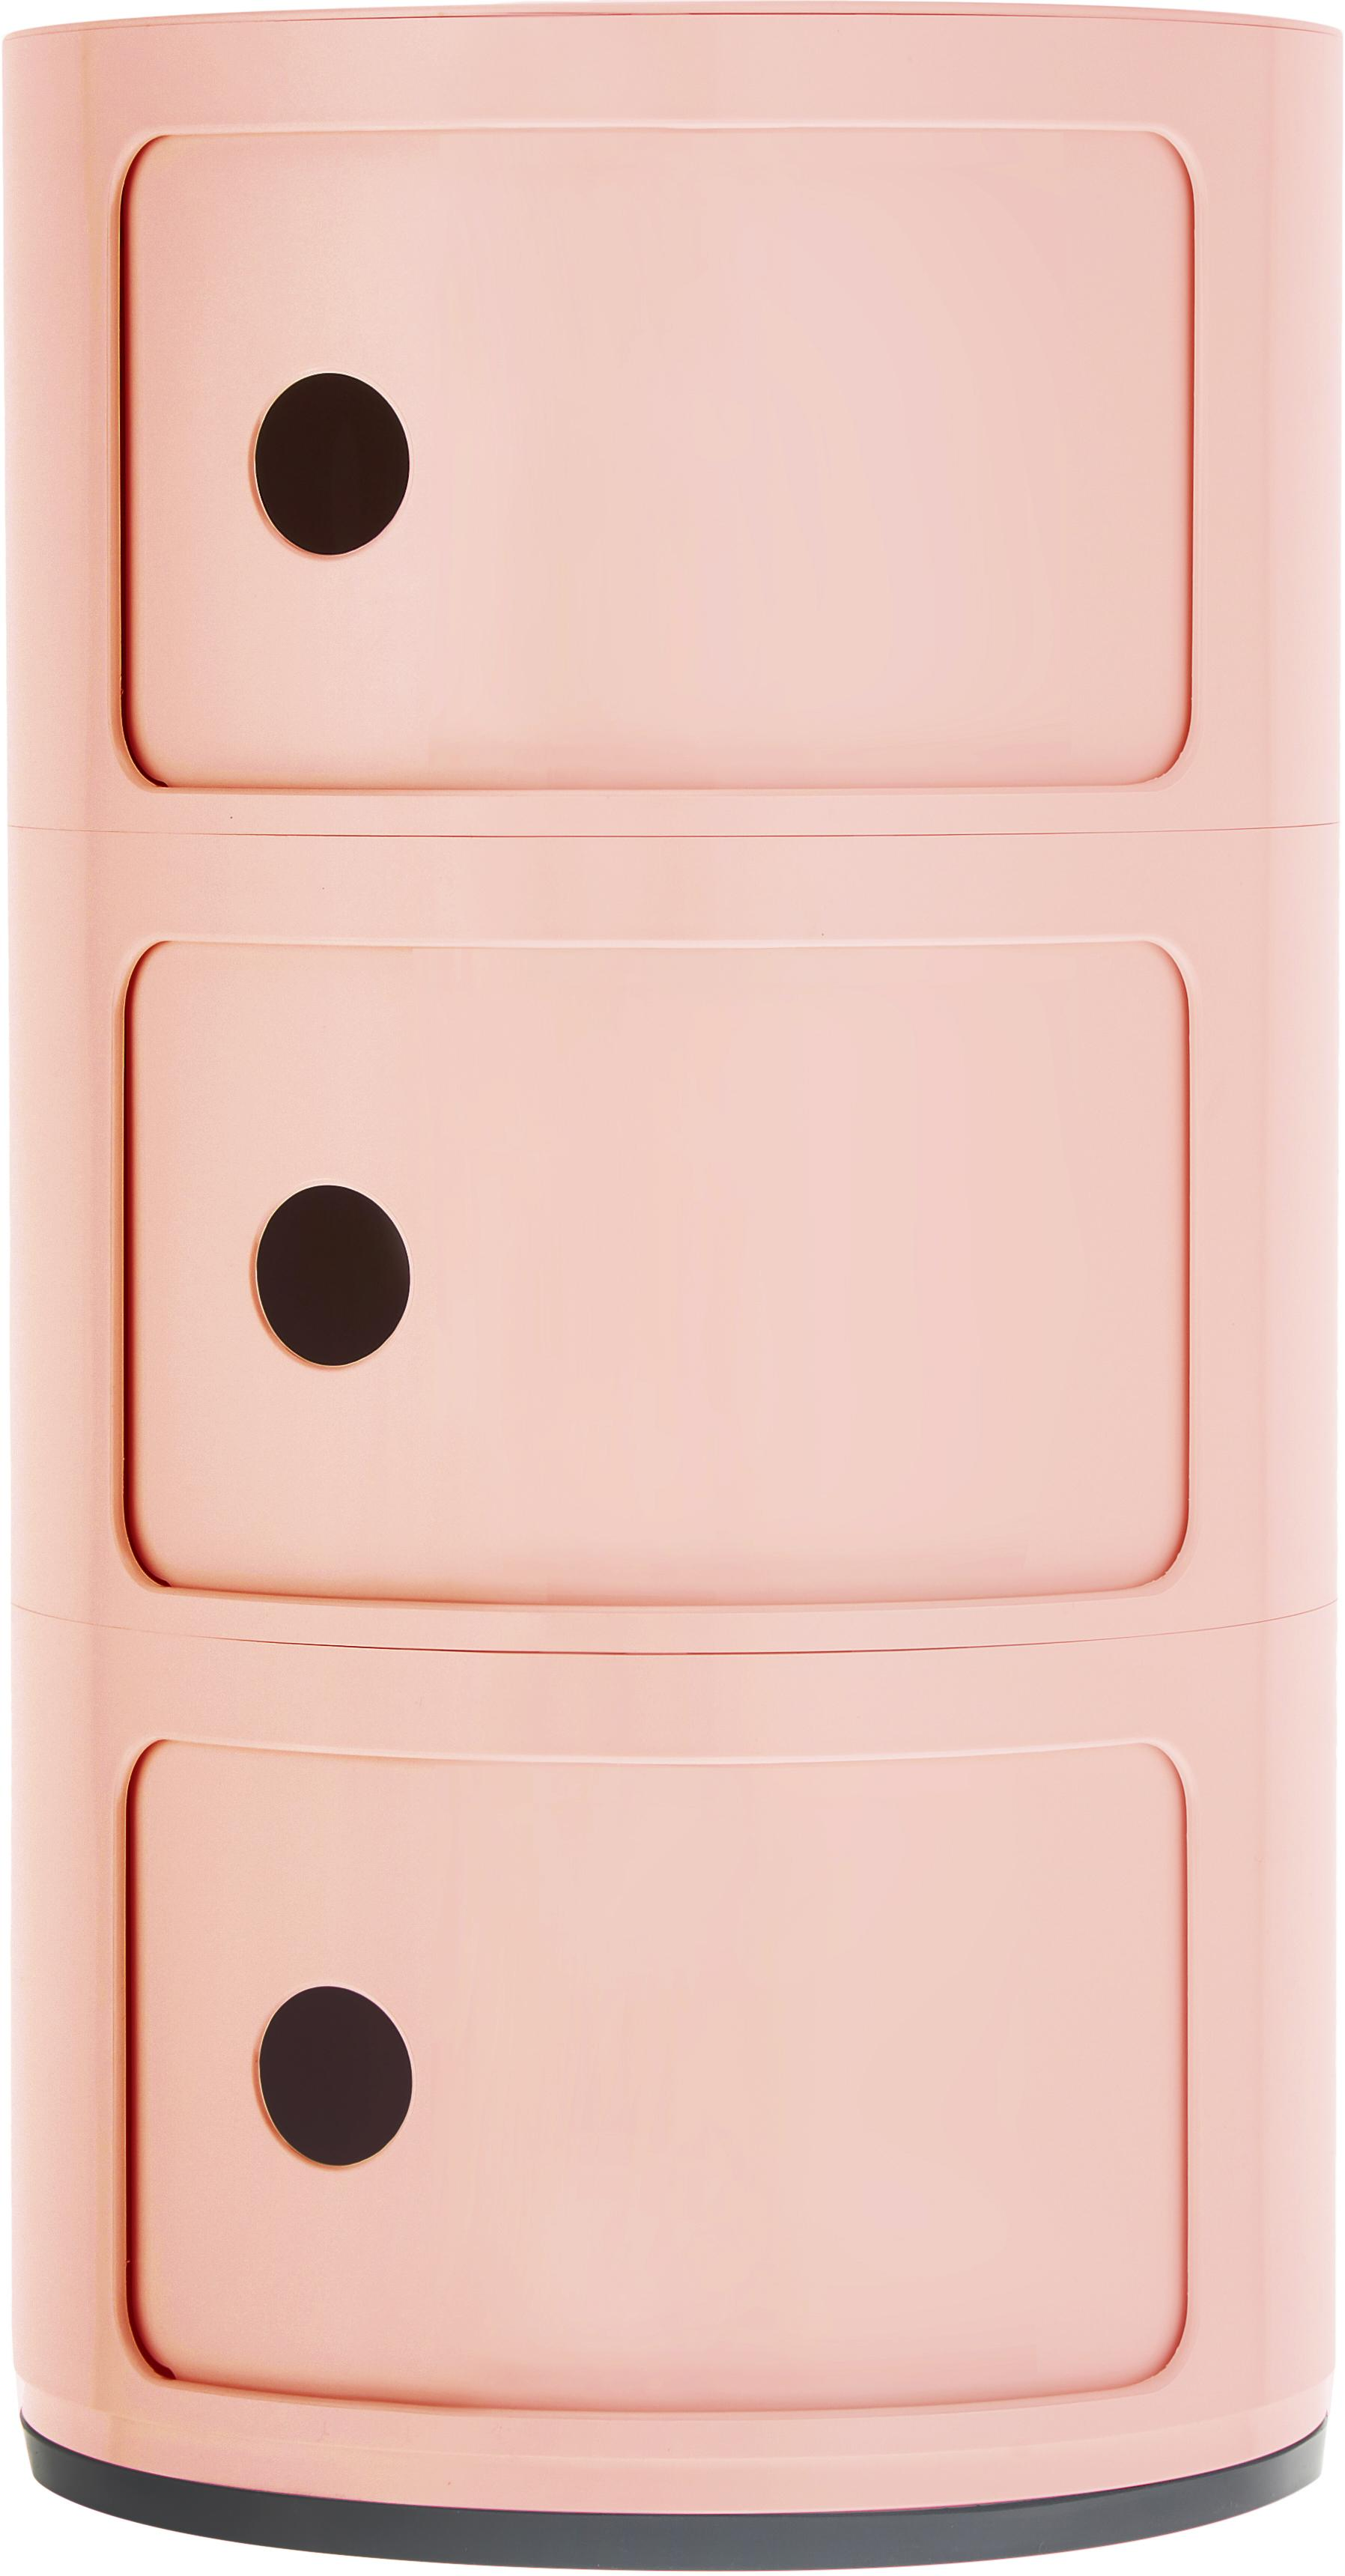 Stolik pomocniczy Componibile, 100% biopolimer z surowców odnawialnych, Różowy, matowy, Ø 32 x W 59 cm